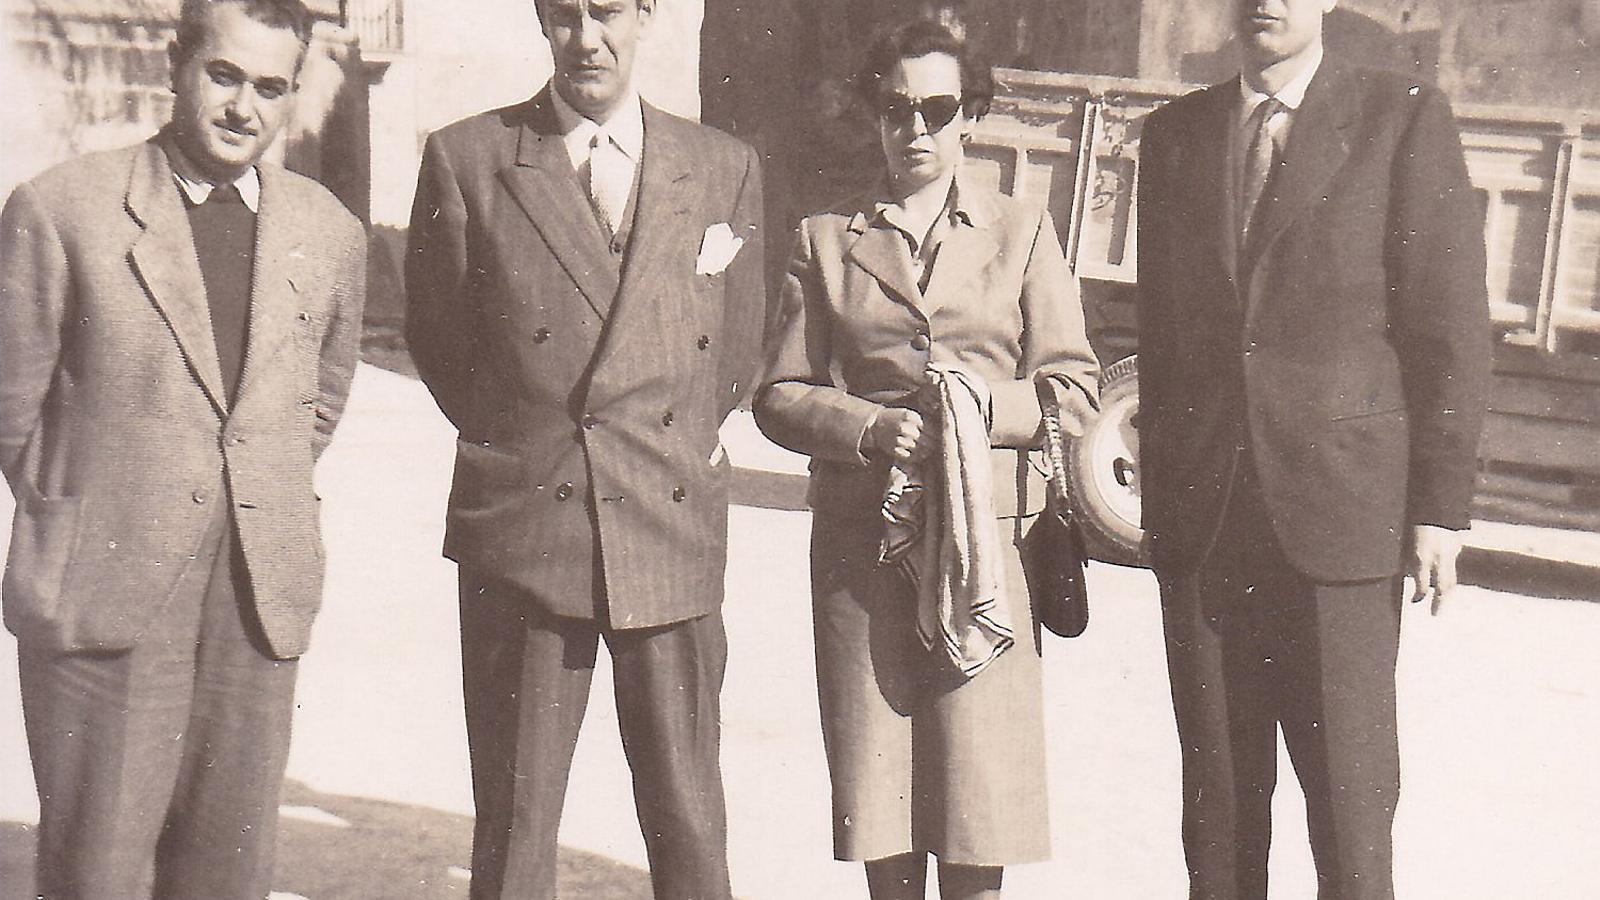 01. Bernat Vidal i Tomàs, el 1958. 02. Amb Cela, Rosario Conde i Josep M. Castellet a Santanyí (1954). 03. Amb Baltasar Porcel a Cala Figuera (1958). 04. Bernat Vidal i Catalina Munar amb els dos fills grans (1955).